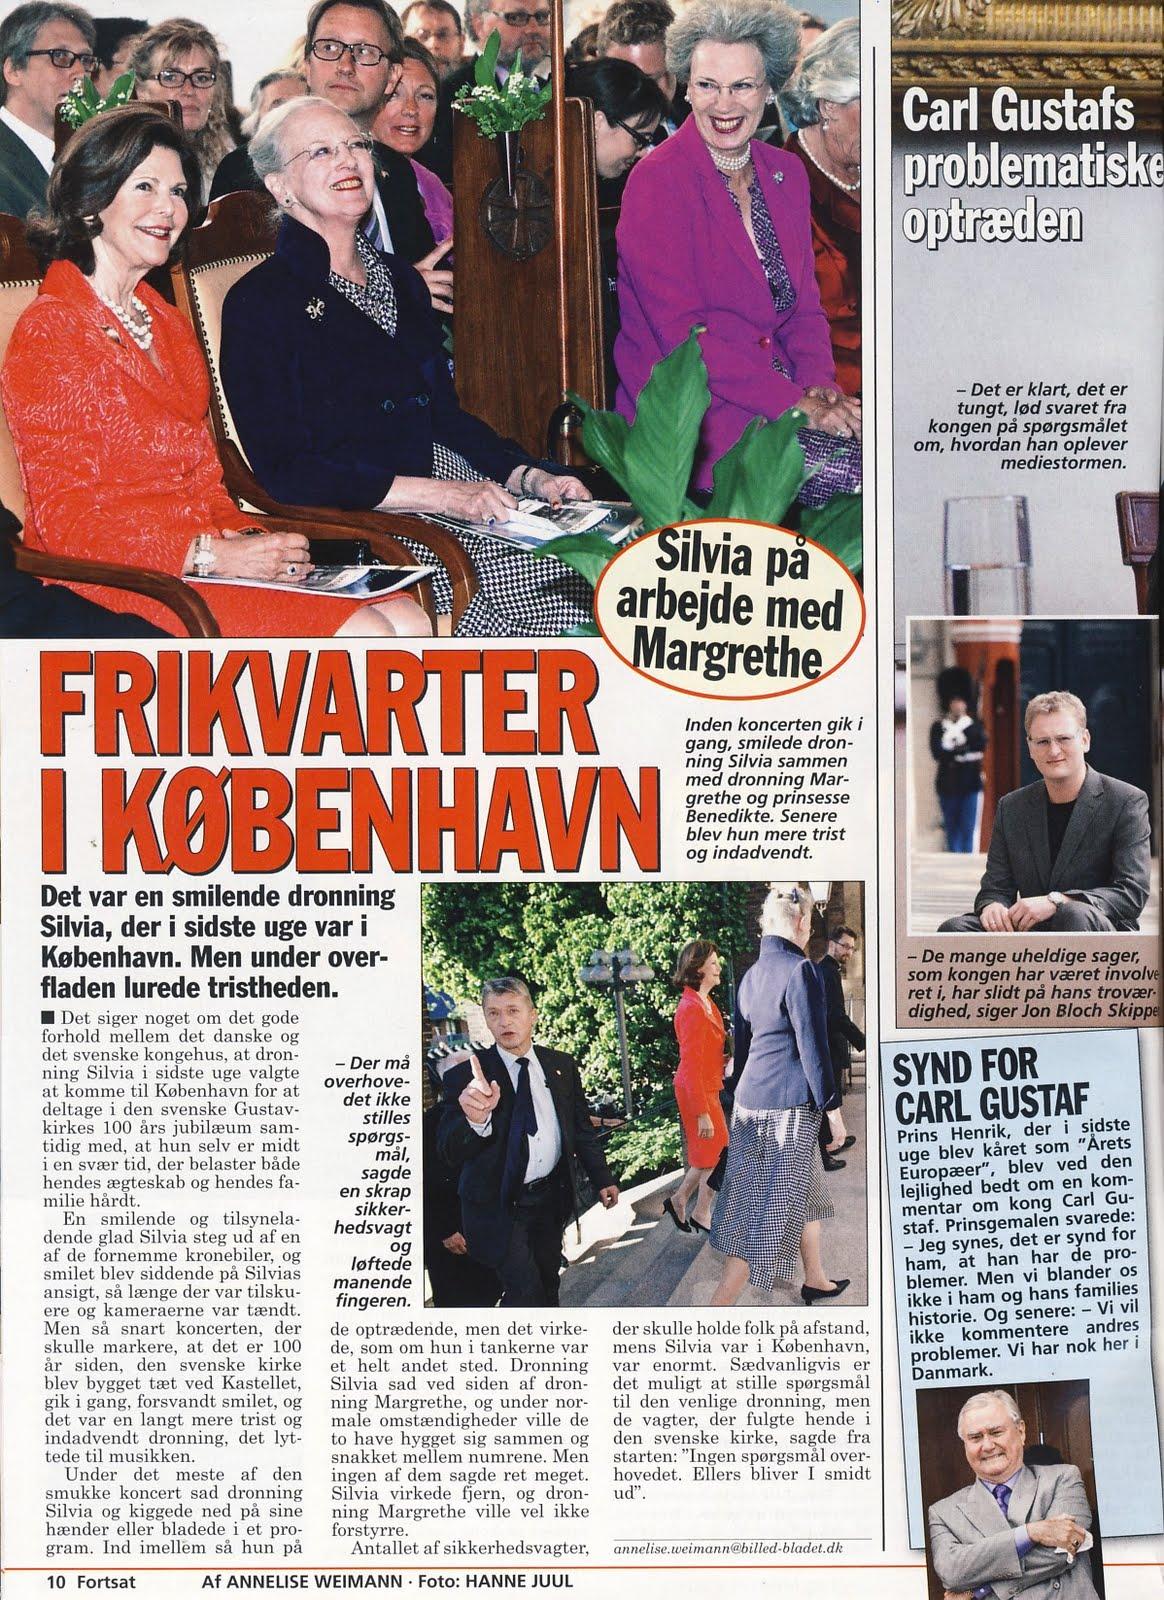 danske prinser og prinsesser